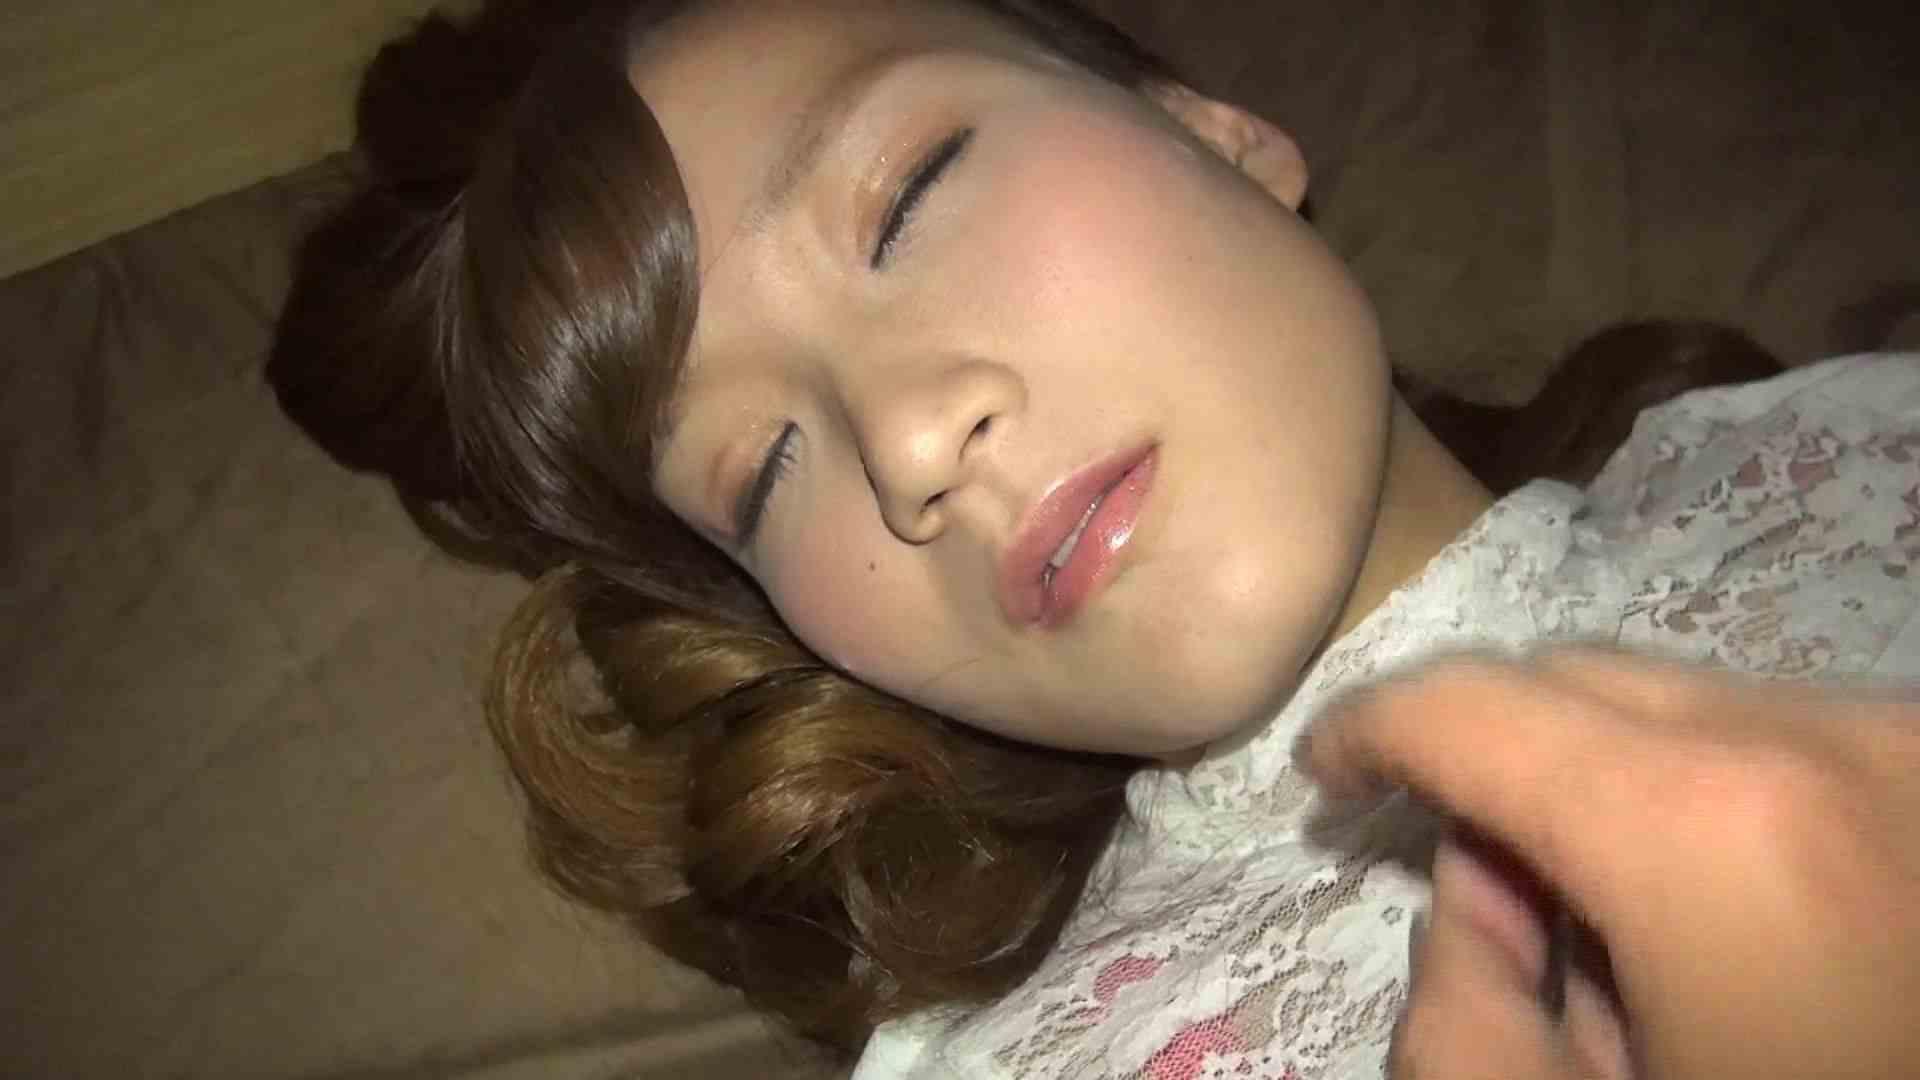 変態ギャル姫のH Vol.10 前編 パンティ 濡れ場動画紹介 76pic 22